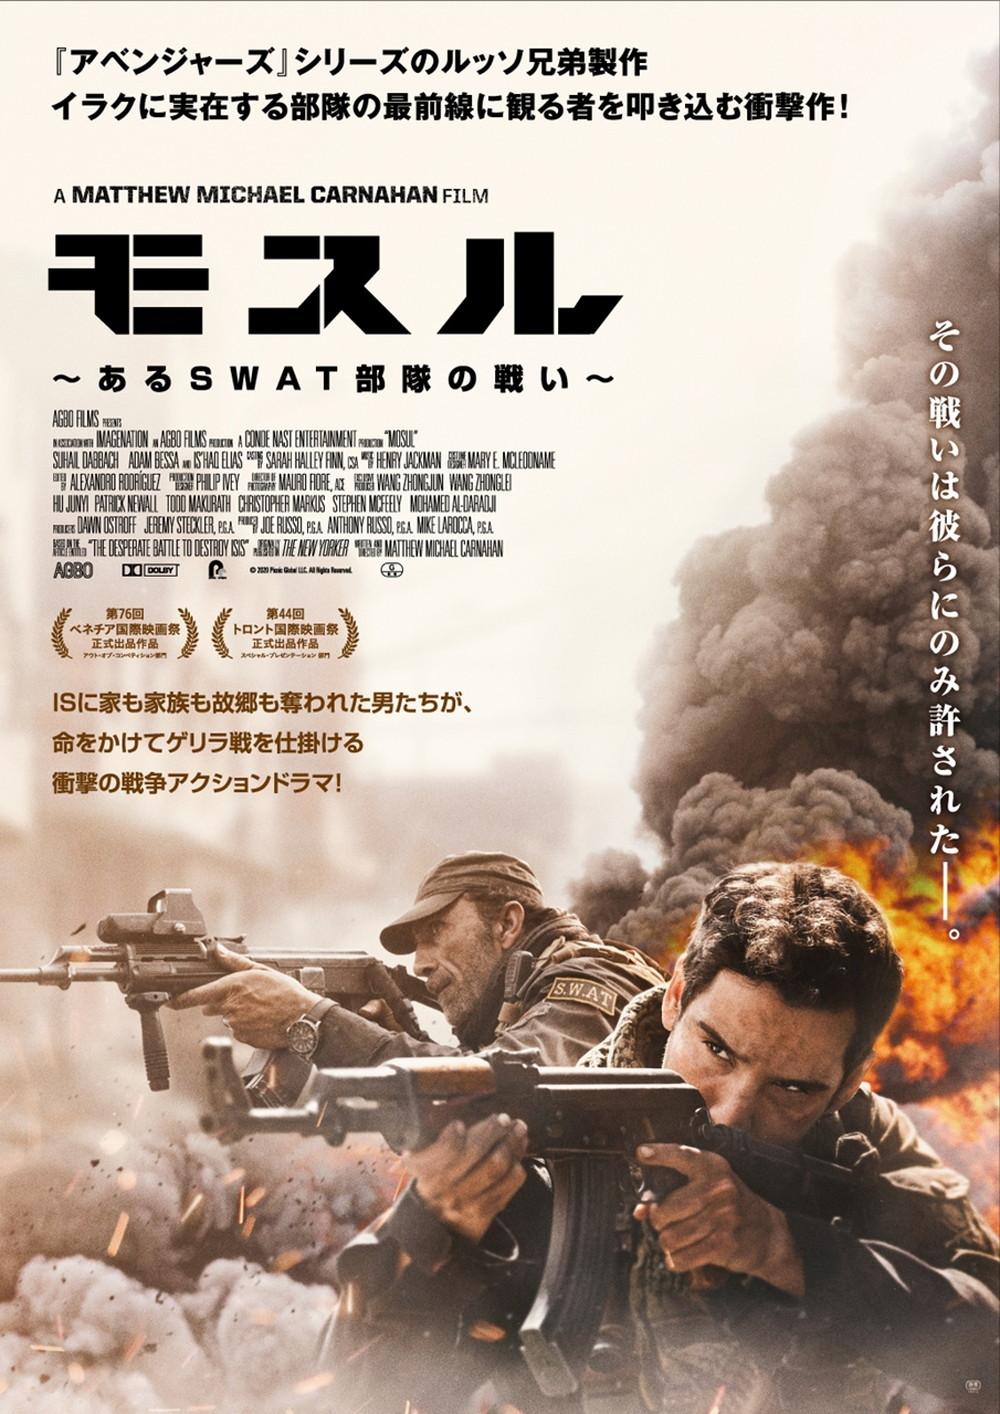 『モスル~あるSWAT部隊の戦い』